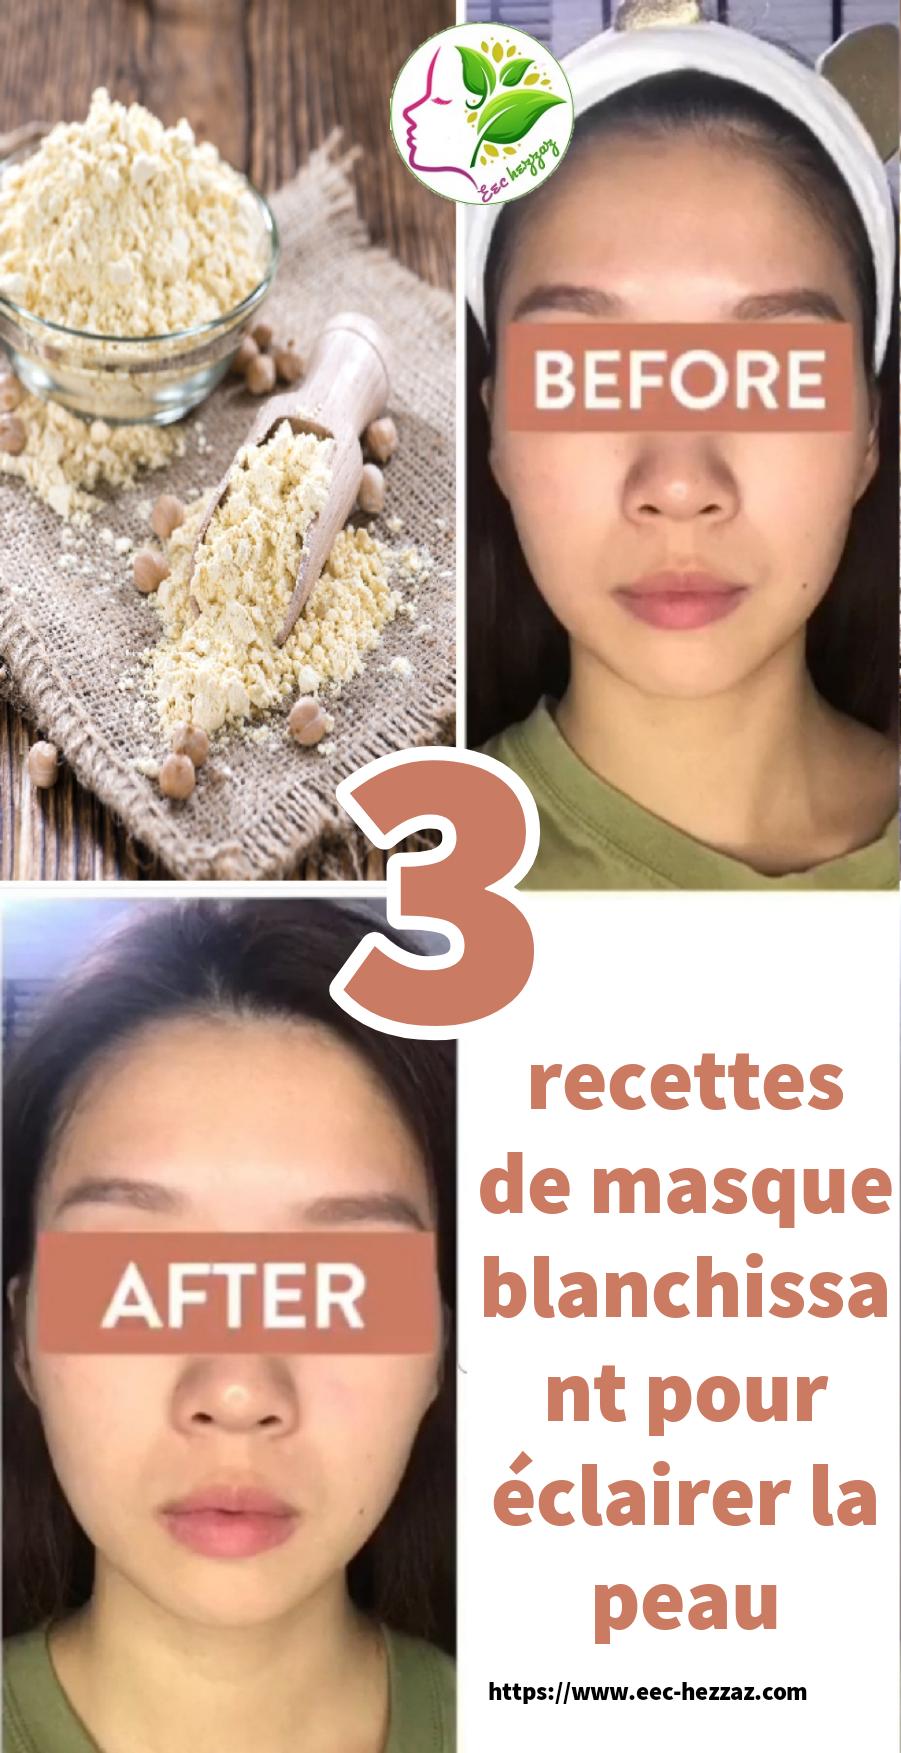 3 recettes de masque blanchissant pour éclairer la peau